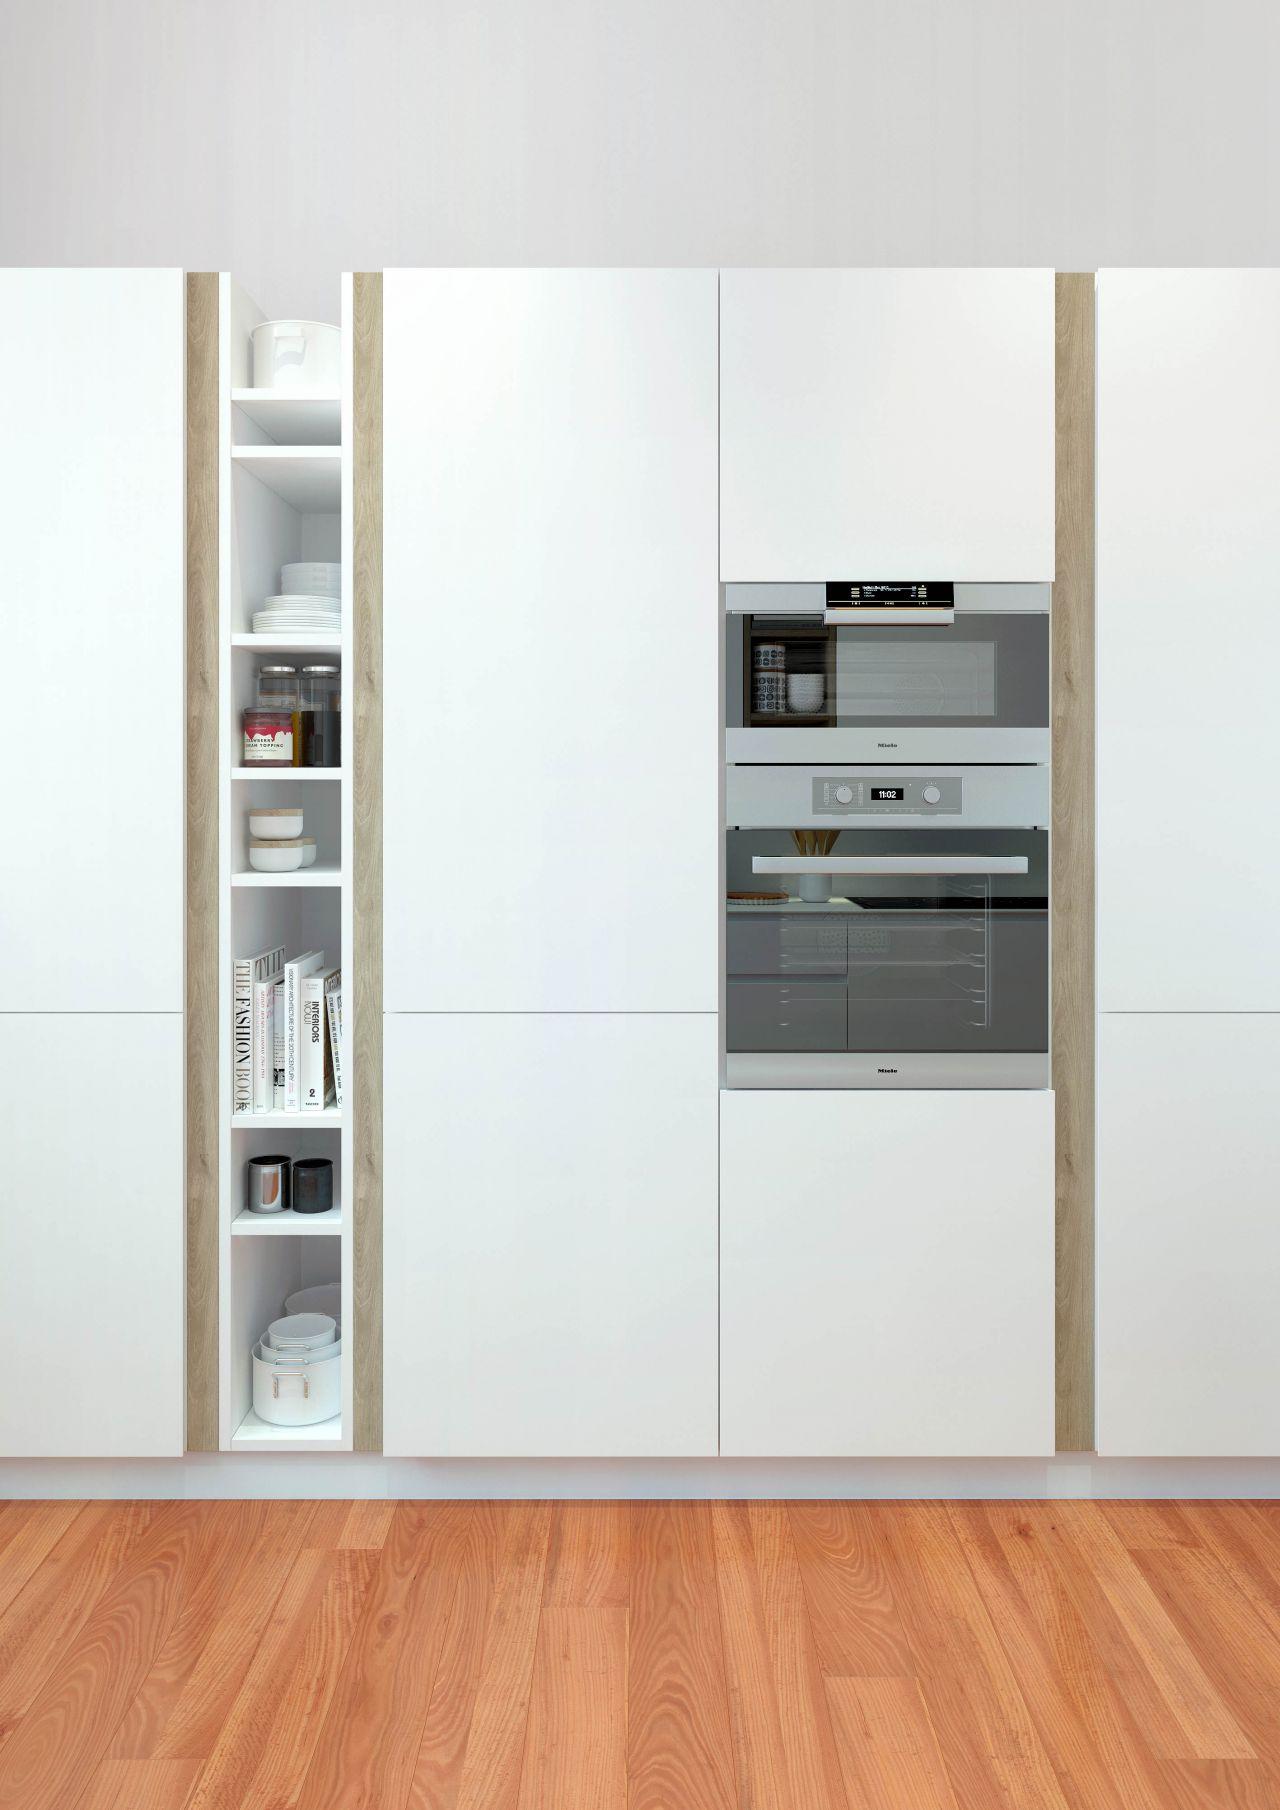 materiales y accesorios - mareti muebles de cocina